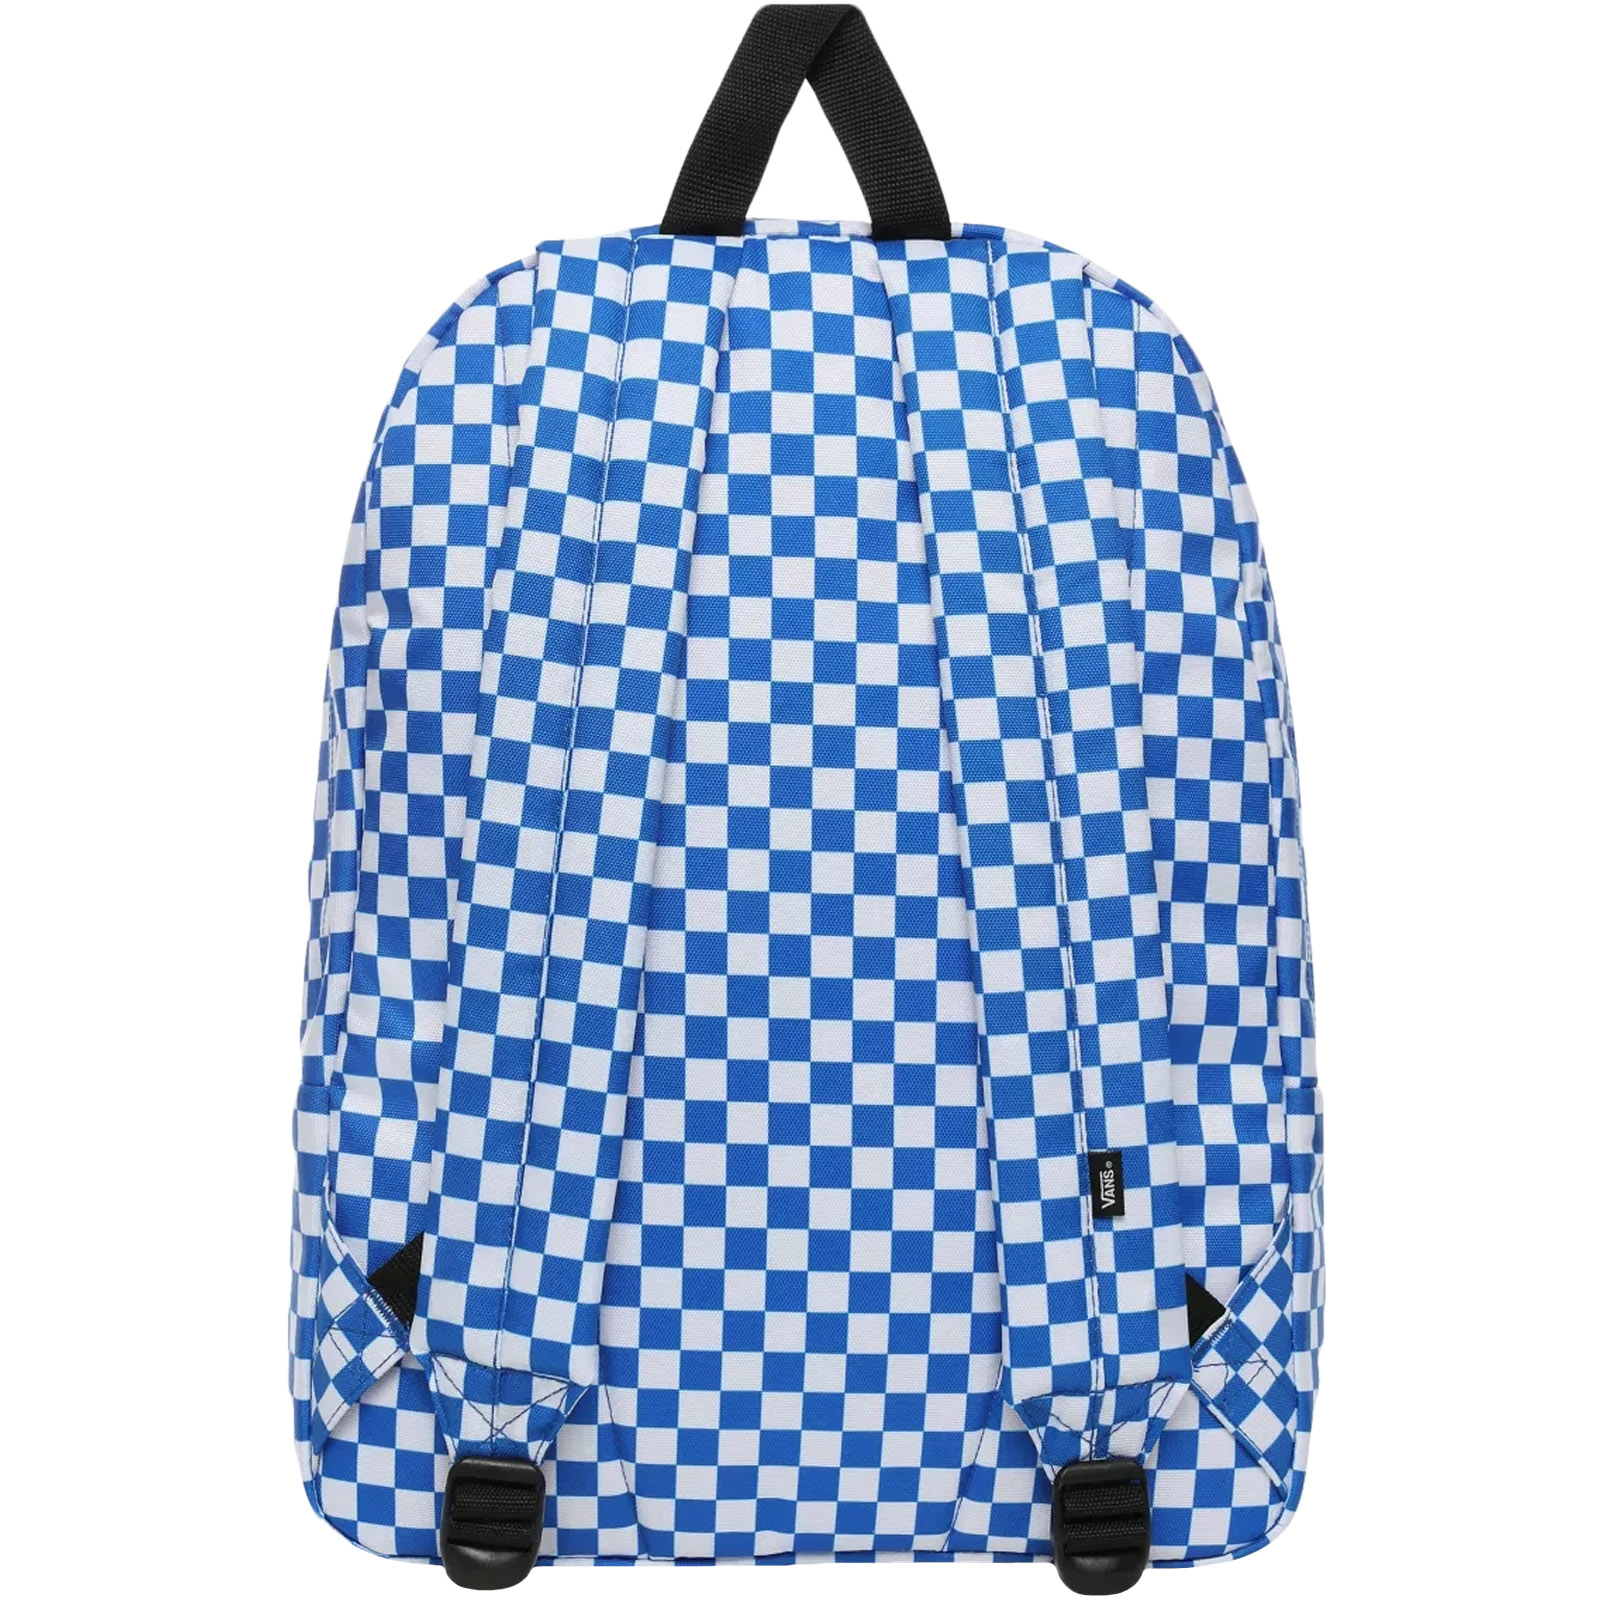 thumbnail 5 - Vans Adults Old Skool III School College Two Strap Backpack Rucksack Bag